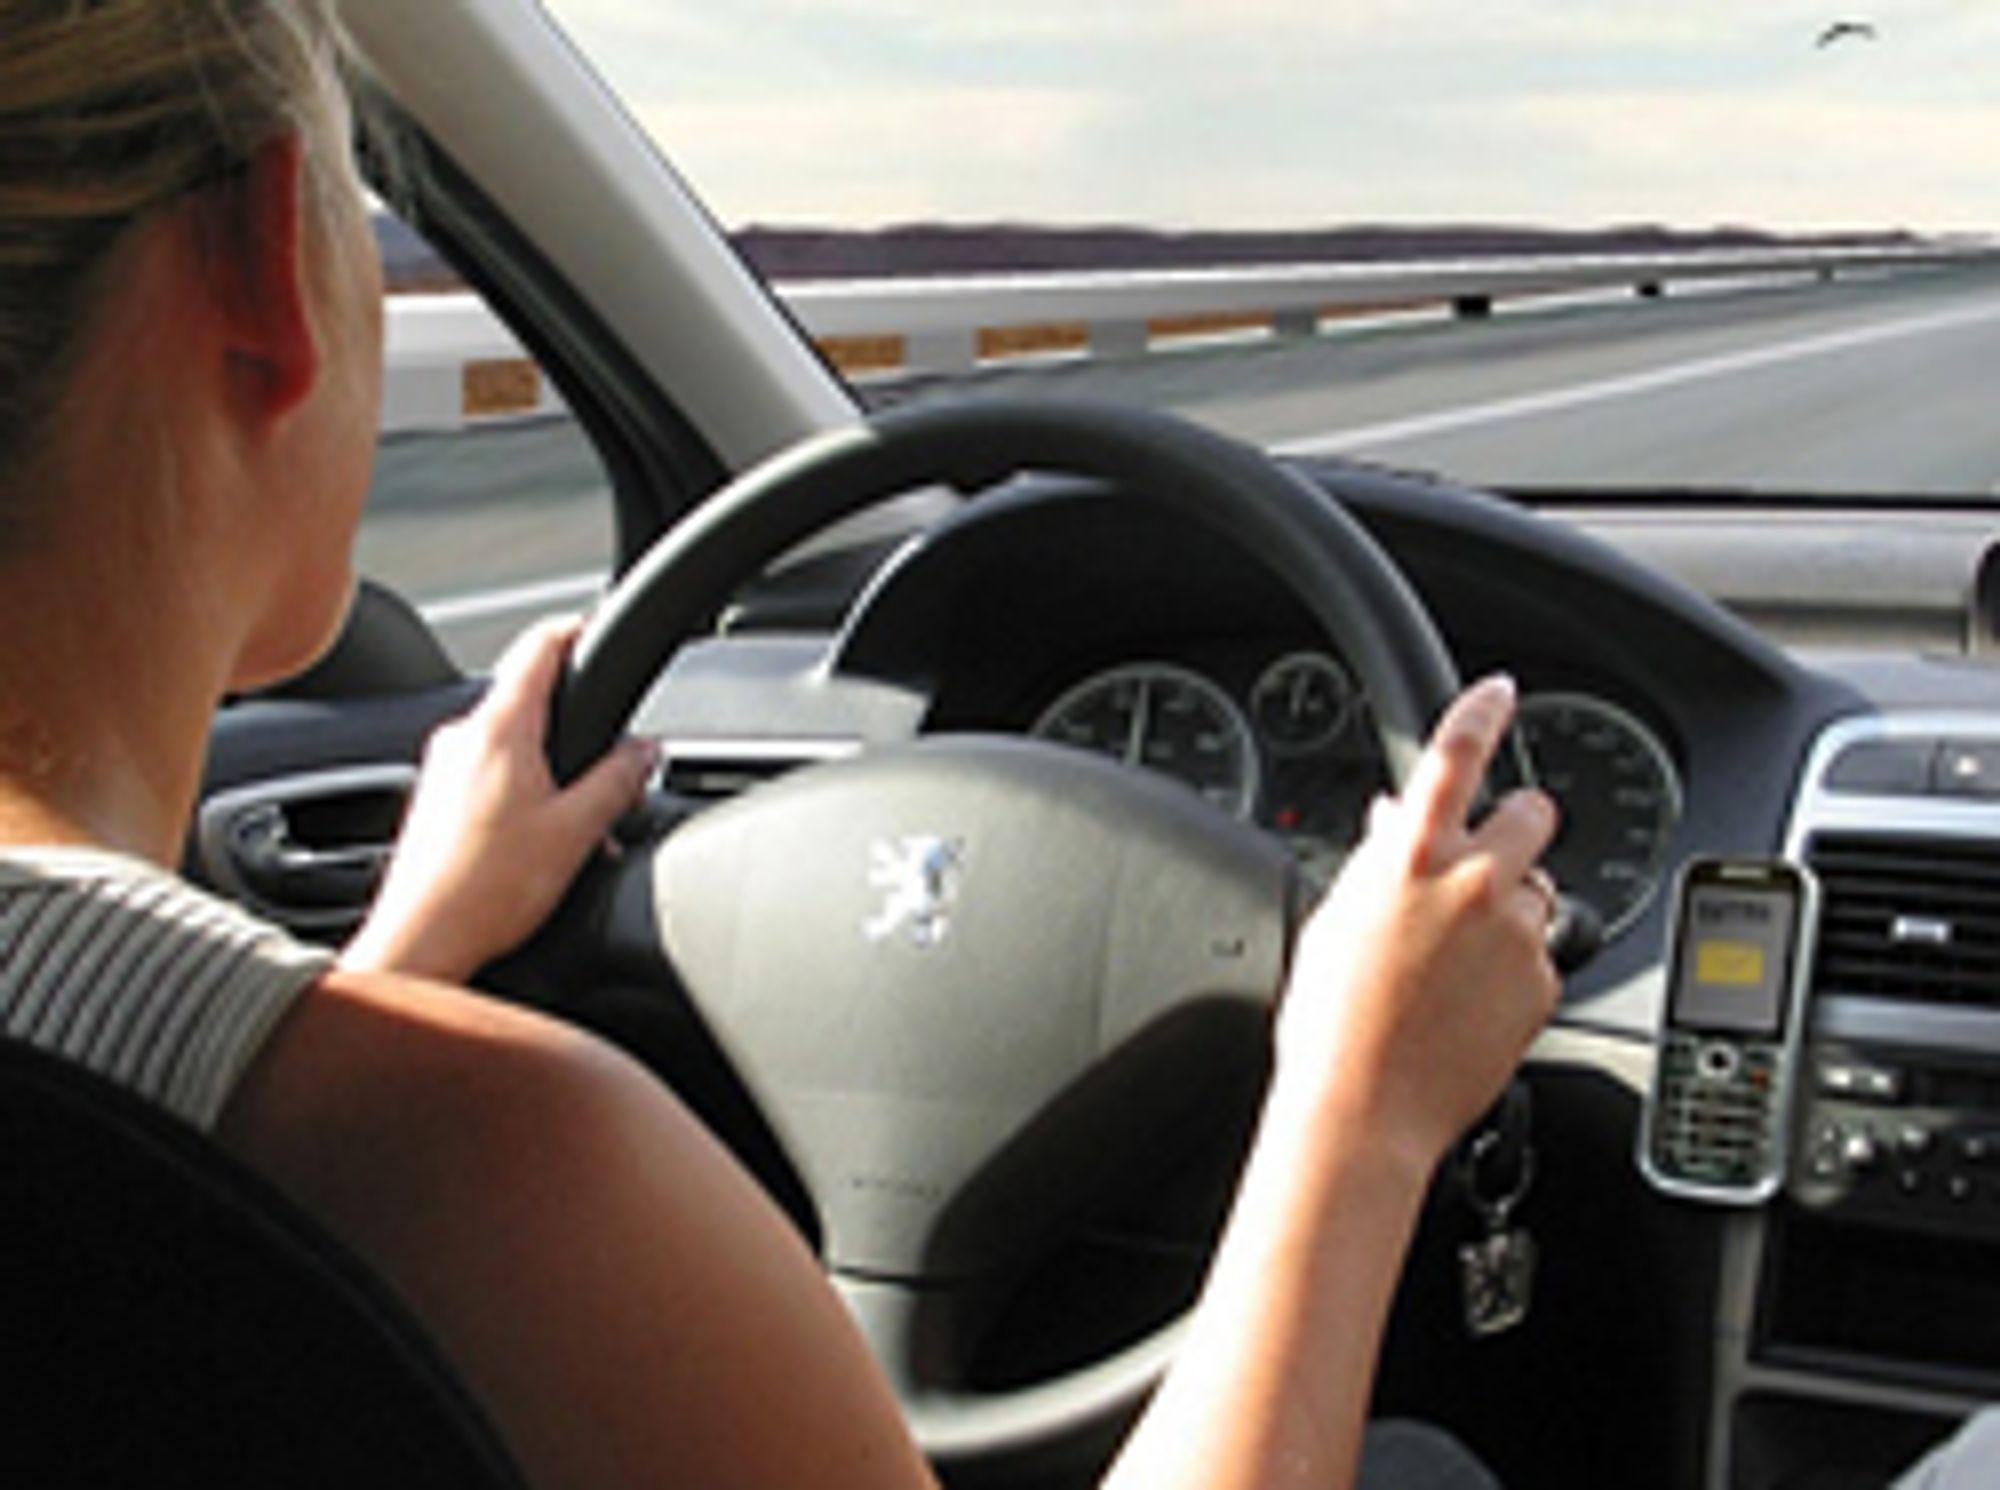 Nå kan du få trafikkmeldinger oppringt og opplest. (Foto: InteleSMS)